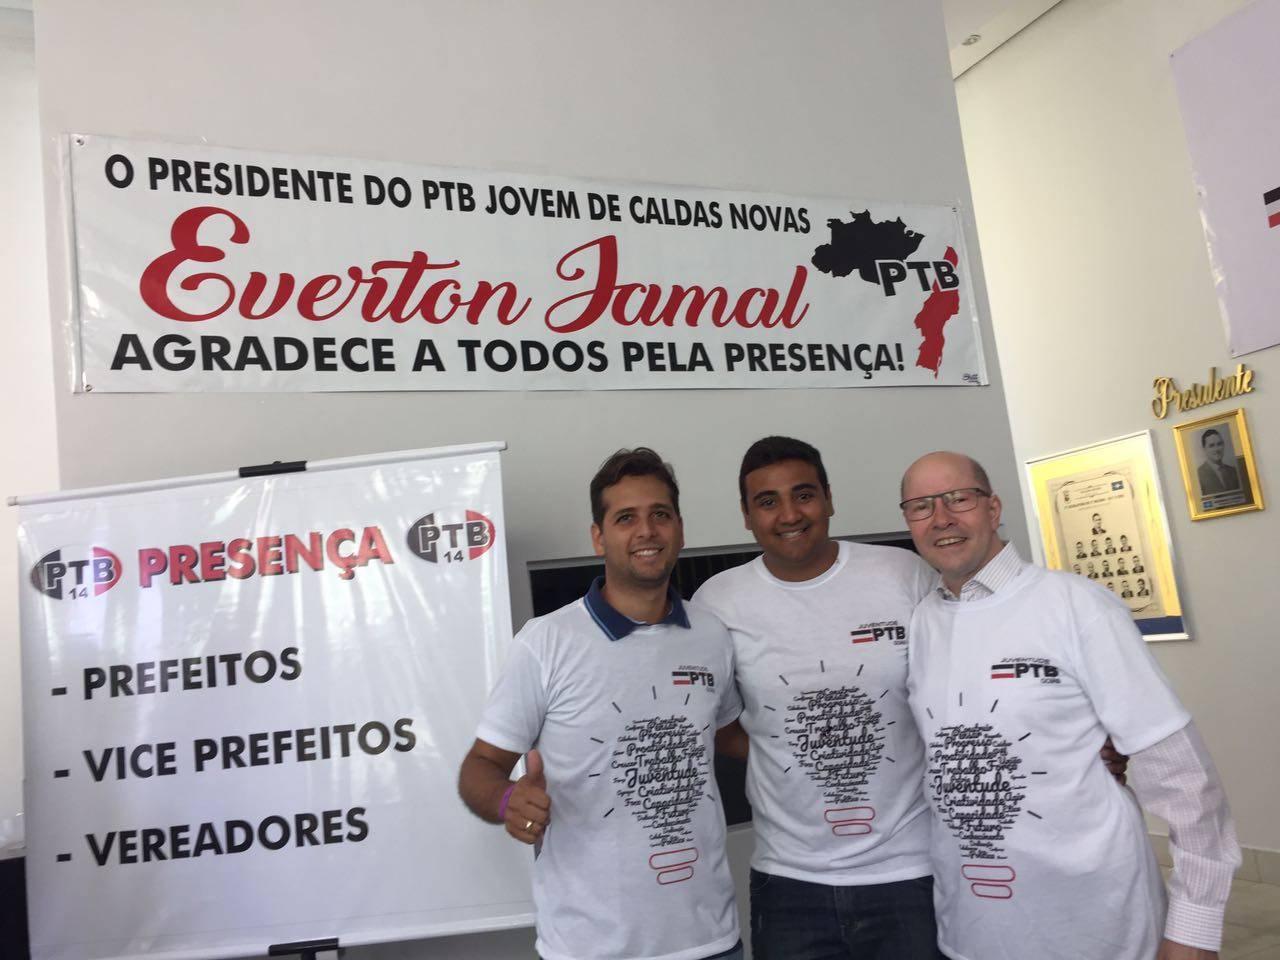 Presidente estadual da JPTB Guilherme Coelho, presidente da JPTB de Caldas Novas Everton Jamal e ex-senador Demóstenes Torres | Foto: Folha Z